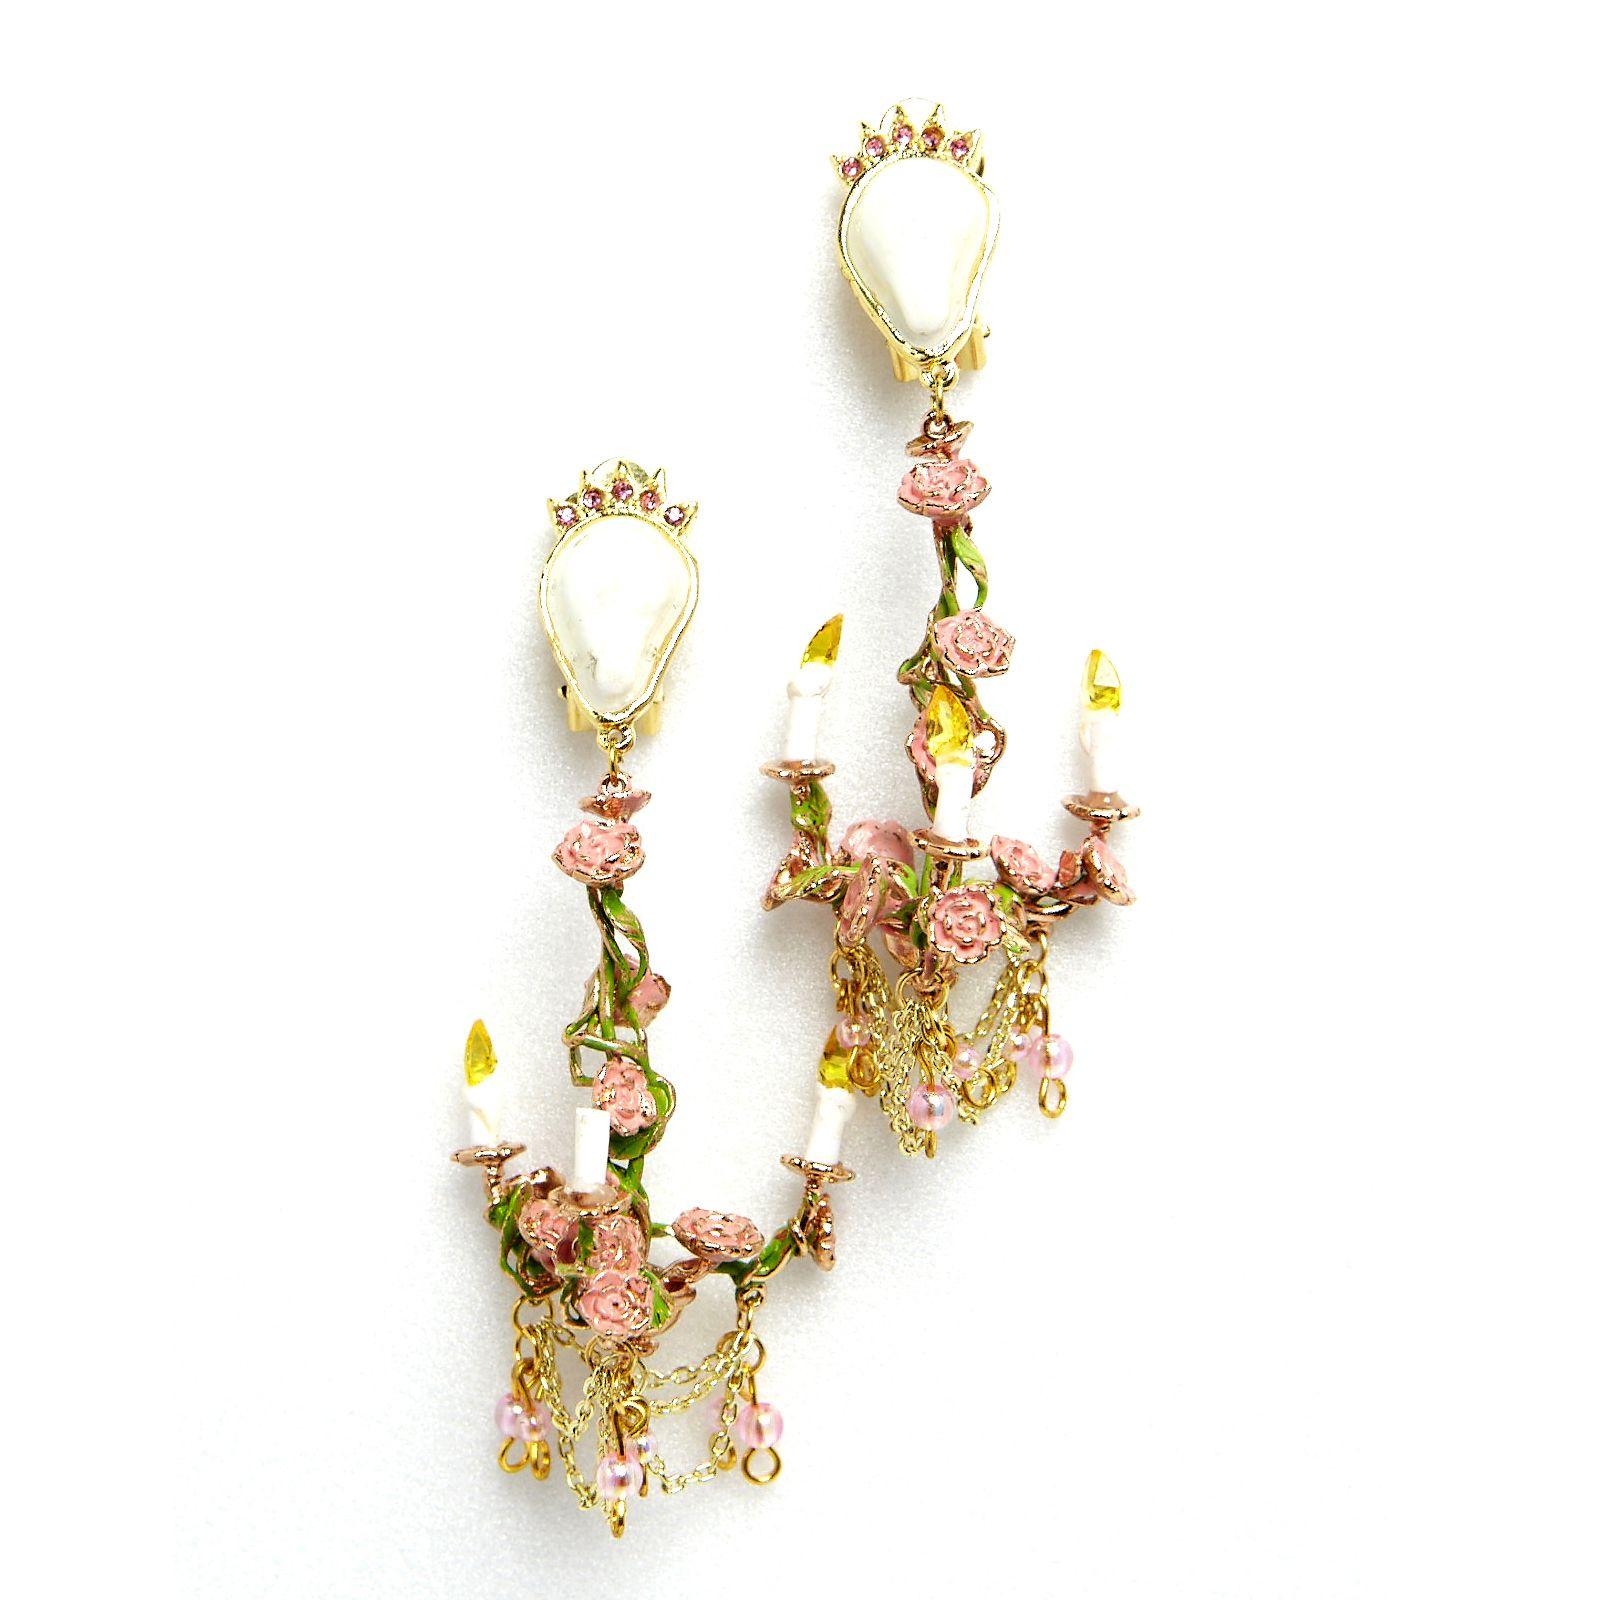 Chandelier earrings earrings online chandelier earrings and store chandelier earrings online store by 77th aloadofball Choice Image